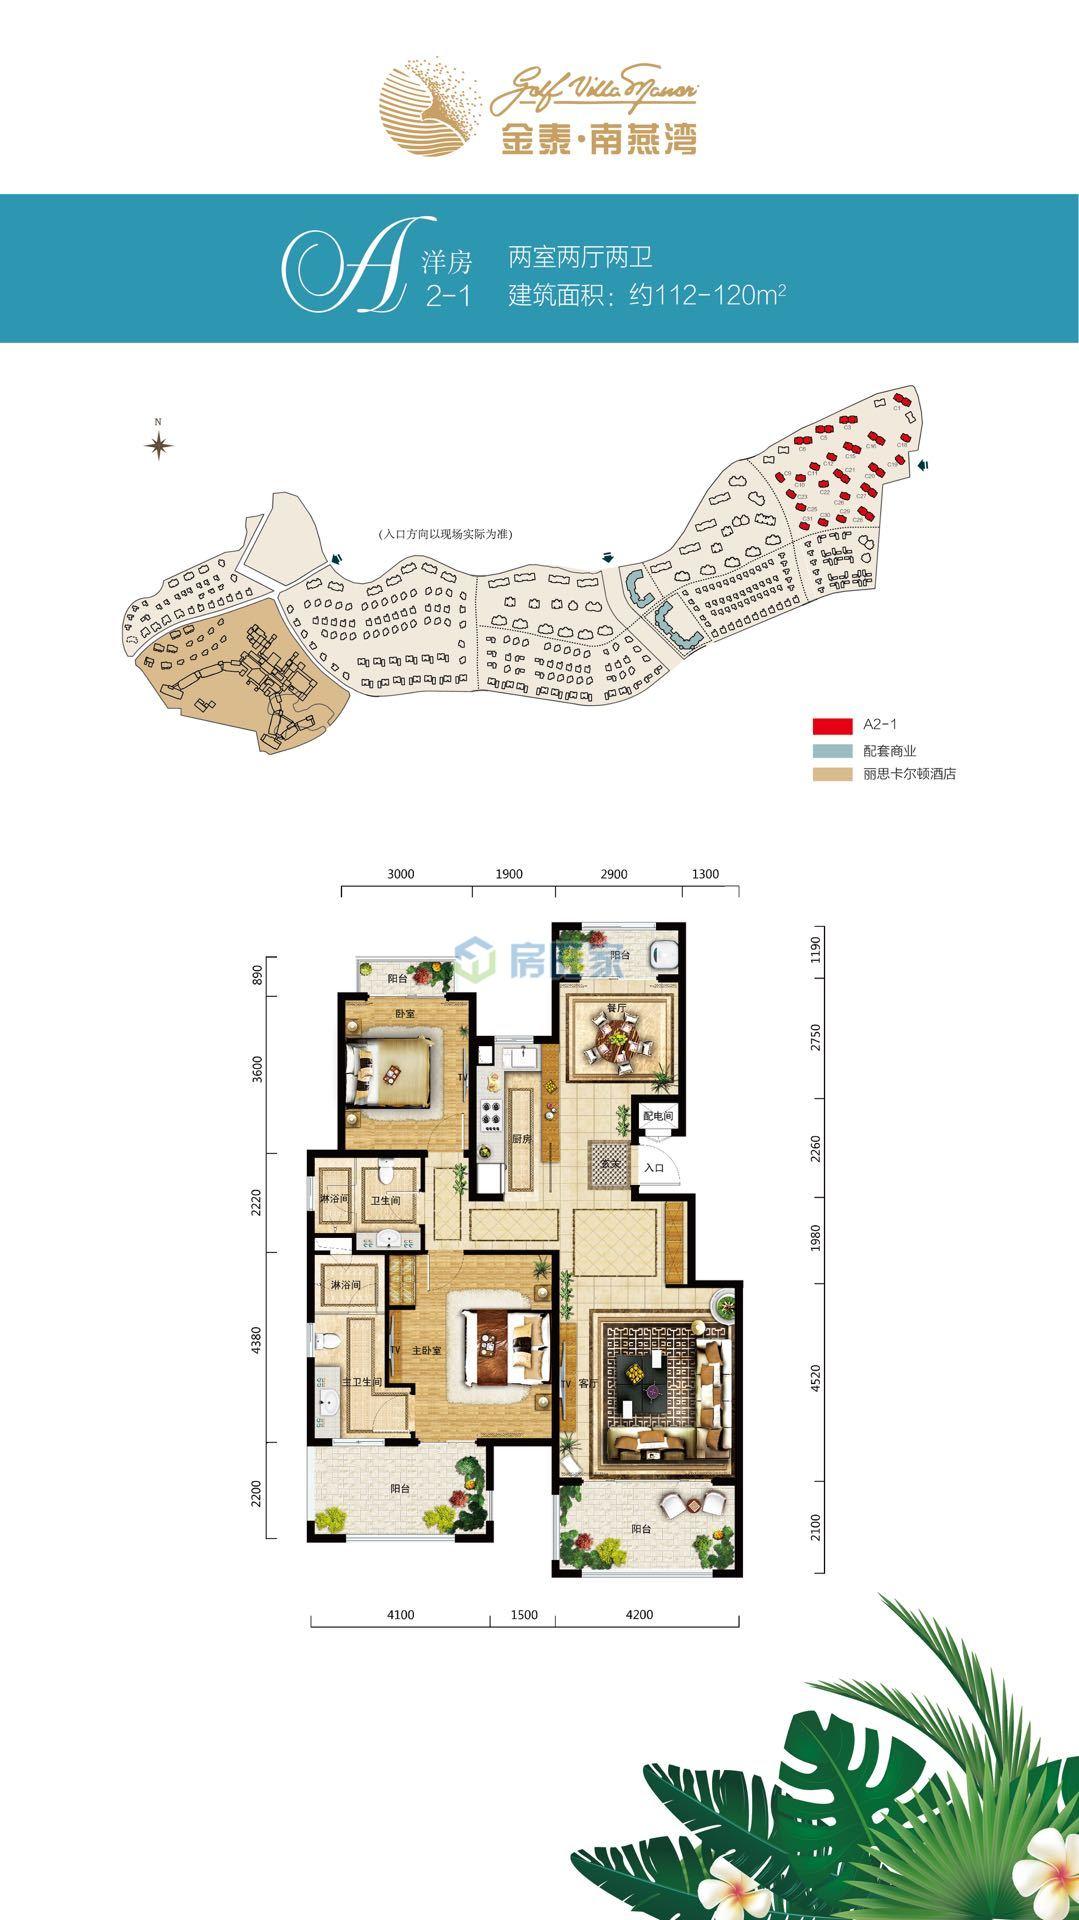 金泰南燕湾 建面115平两房洋房